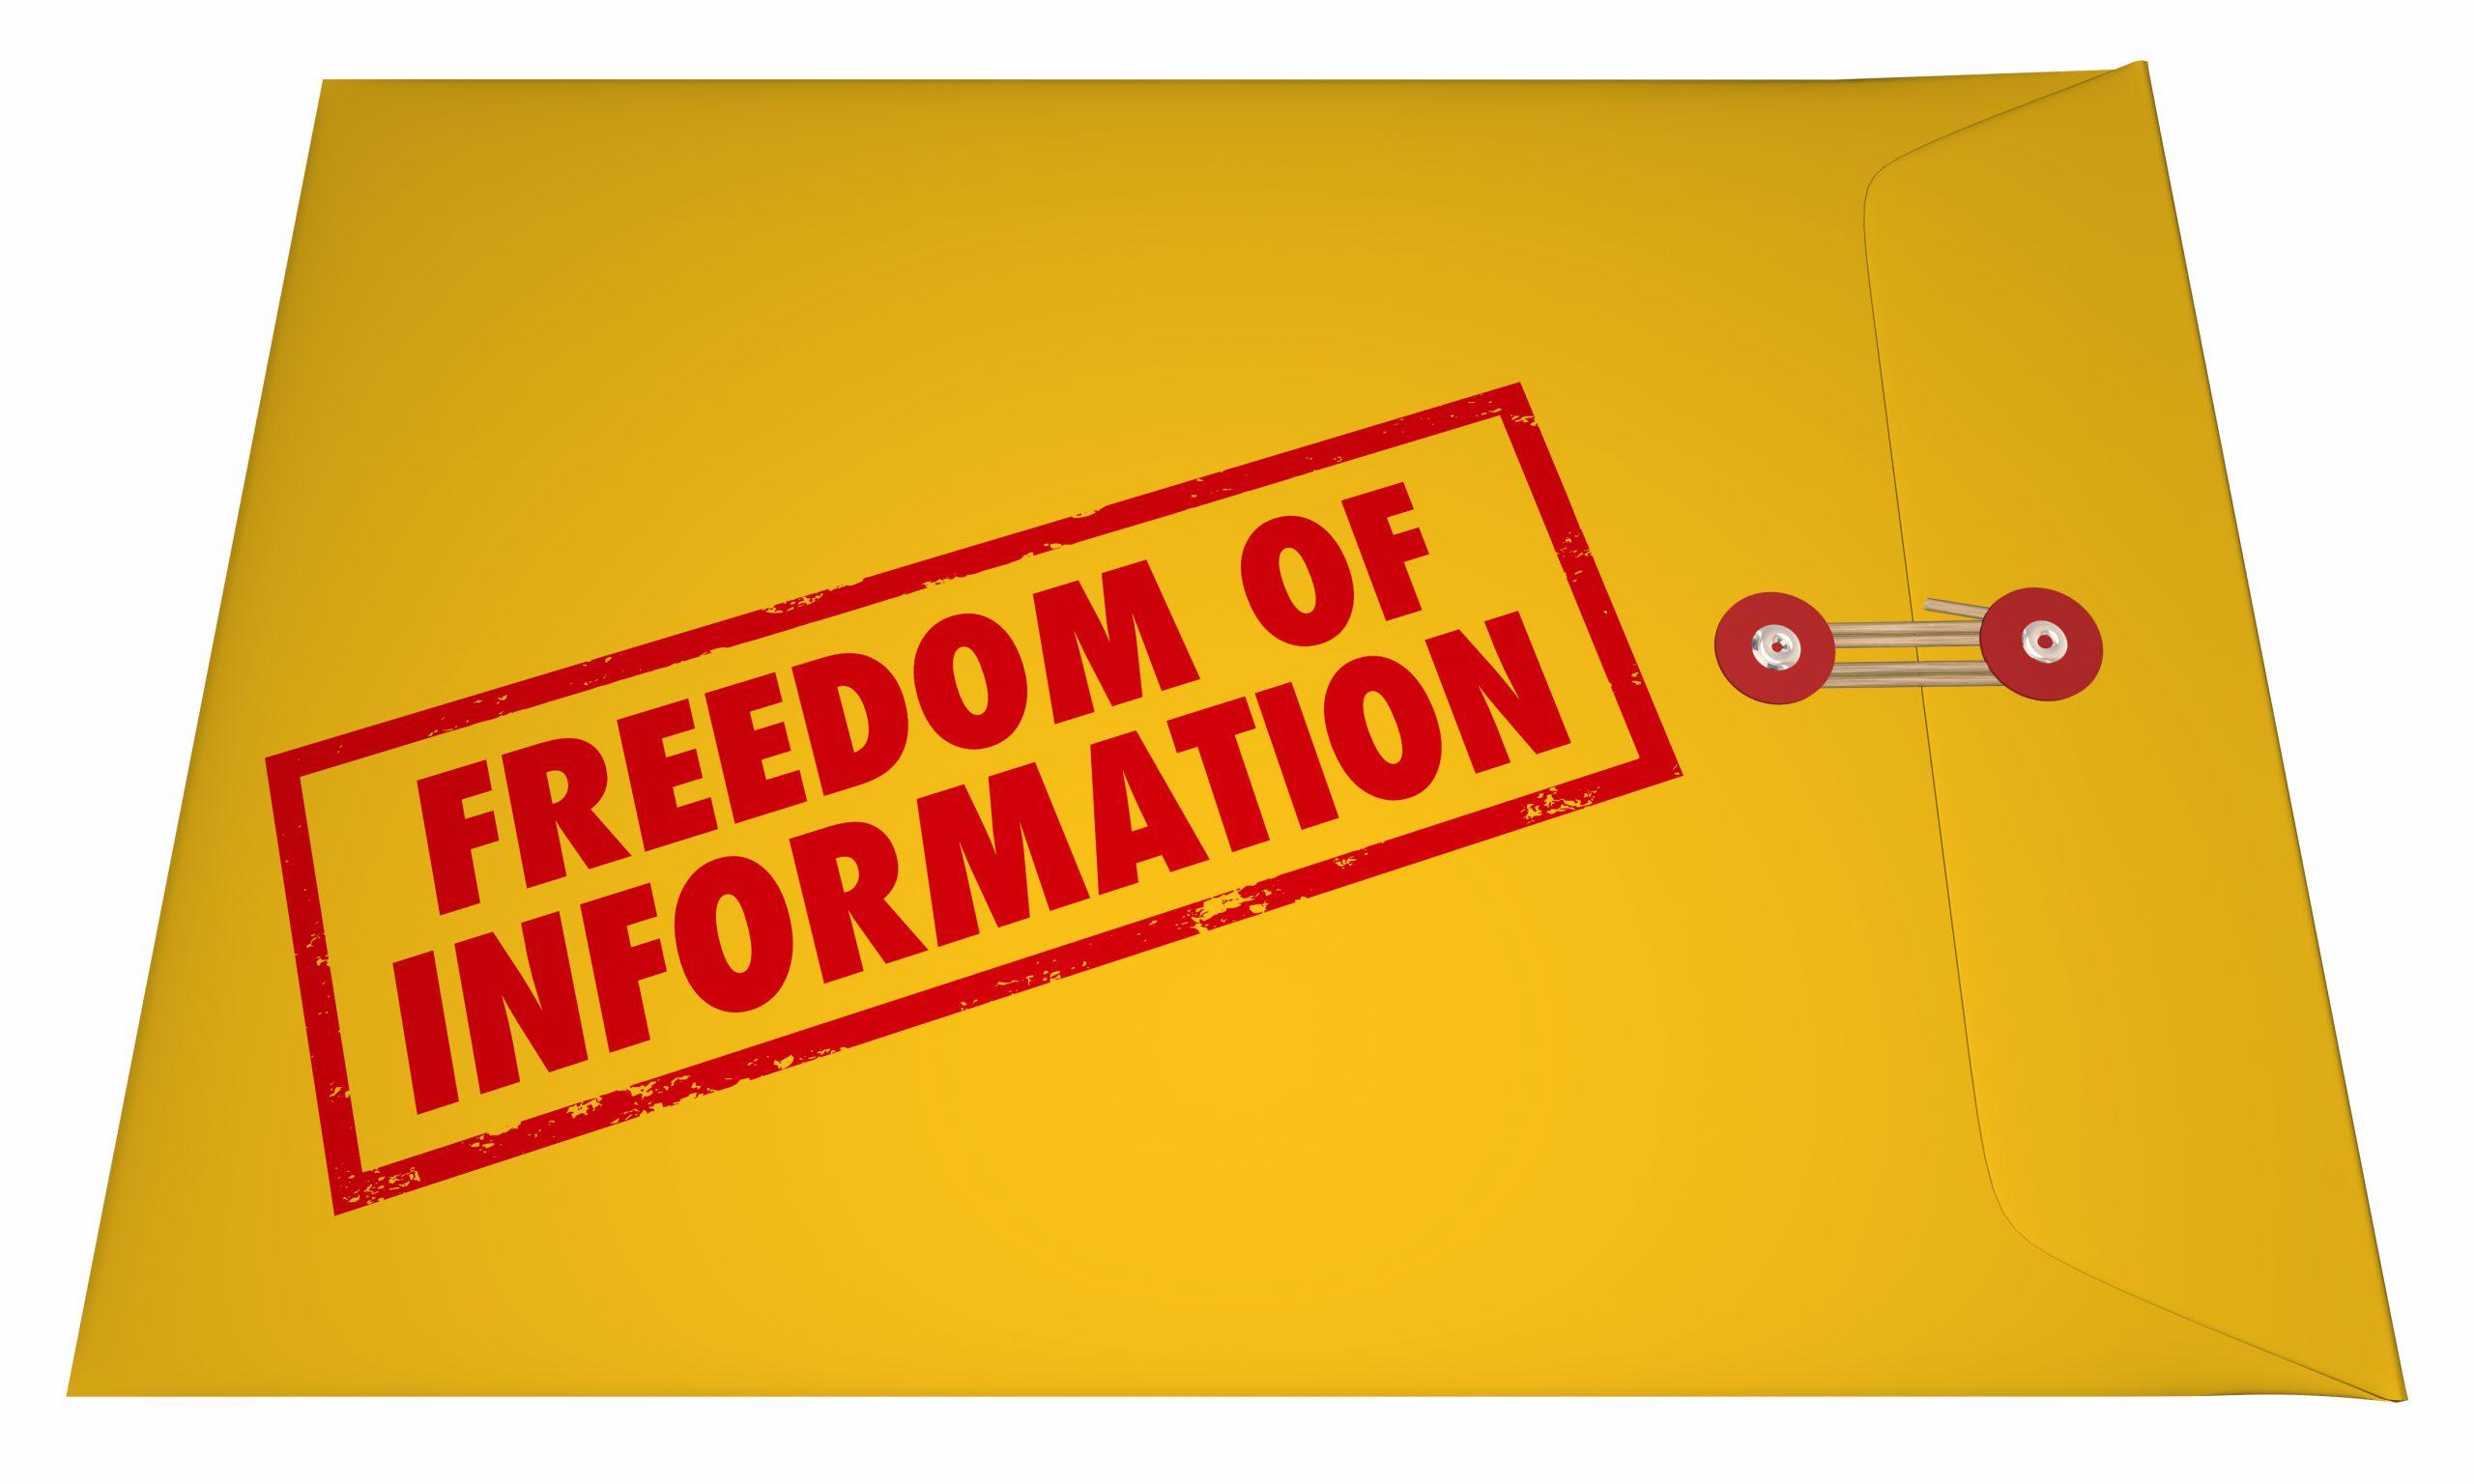 Freedom Of маалымат - Коопсуз Мектептер программалар жылы Victoria Австралия